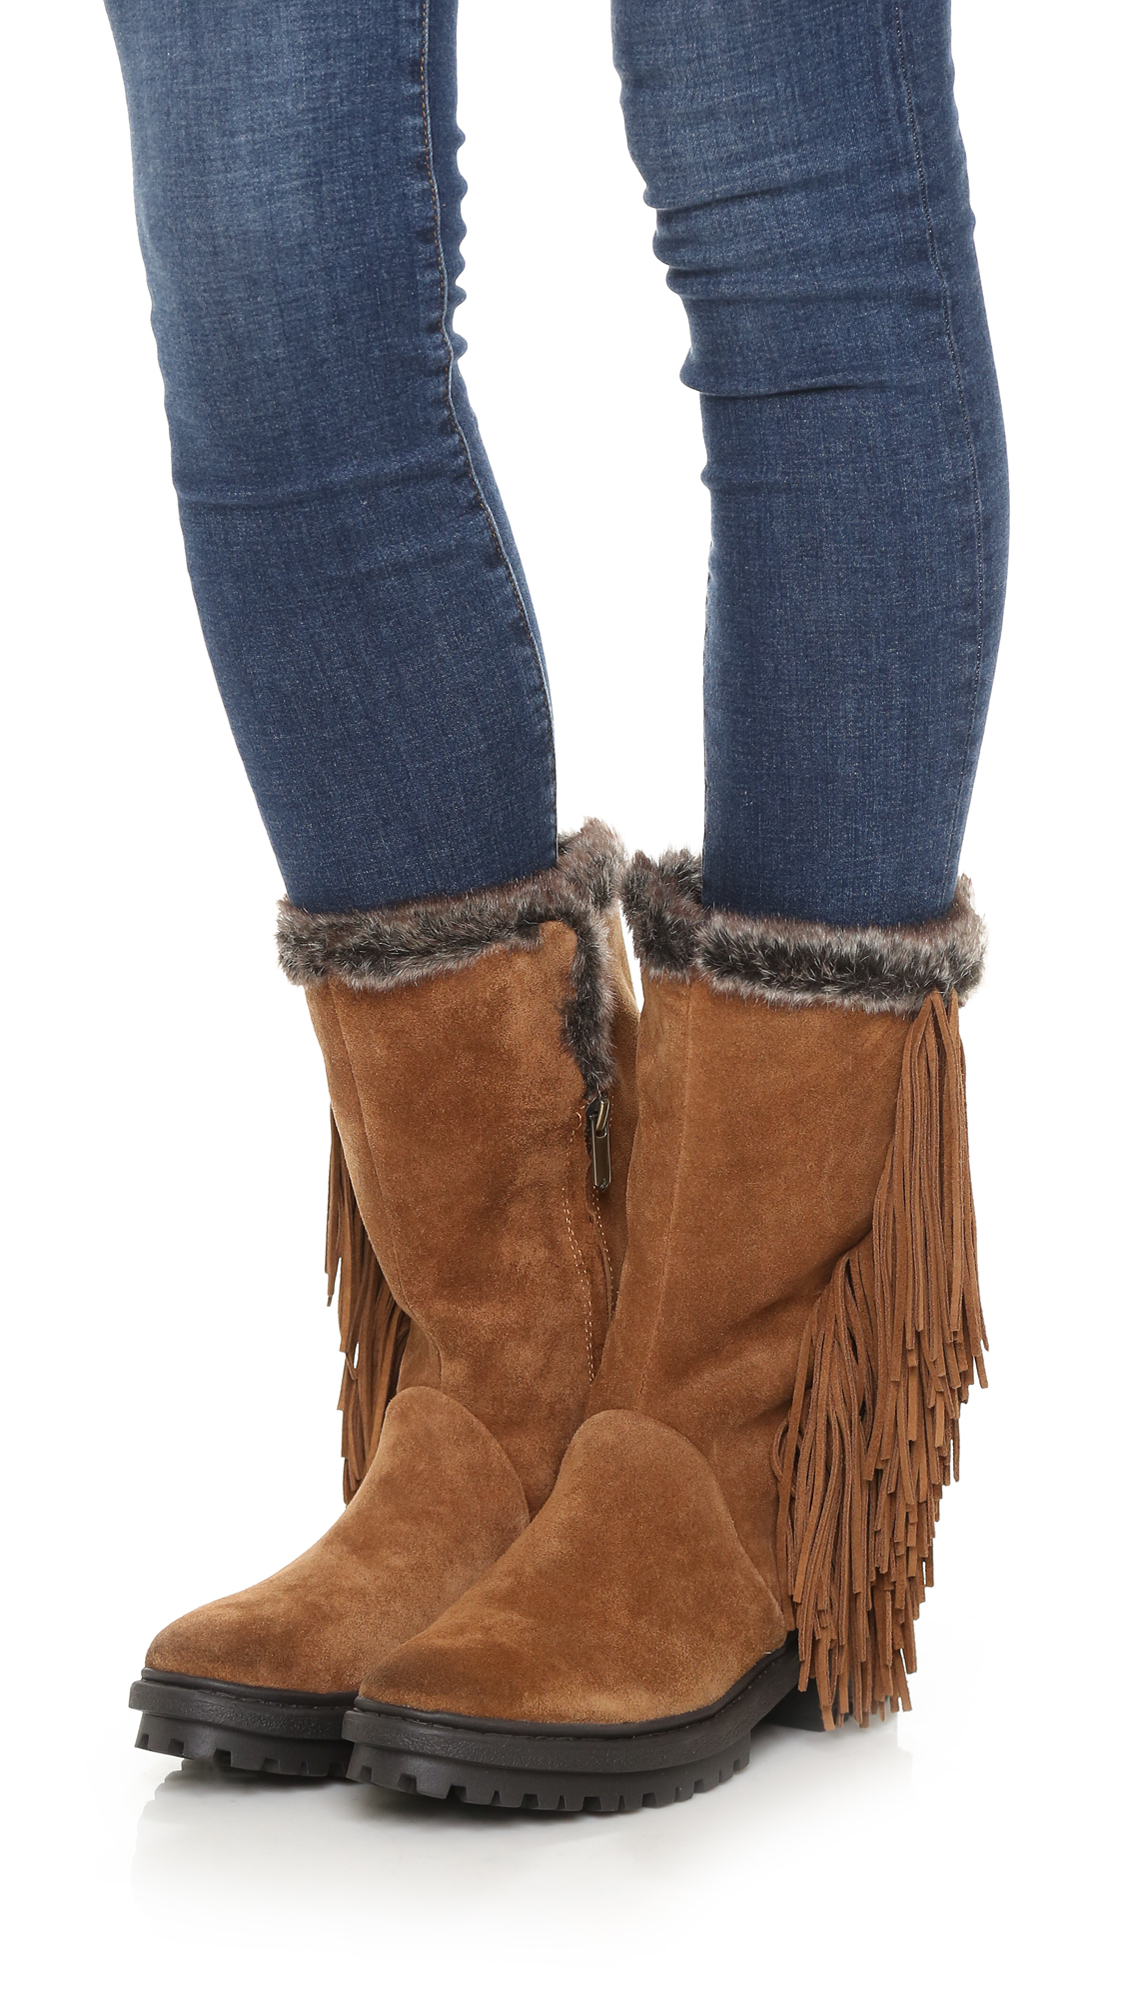 93e6dad3deba49 Lyst - Sam Edelman Tilden Faux Fur Lined Fringe Boots - Black in Brown